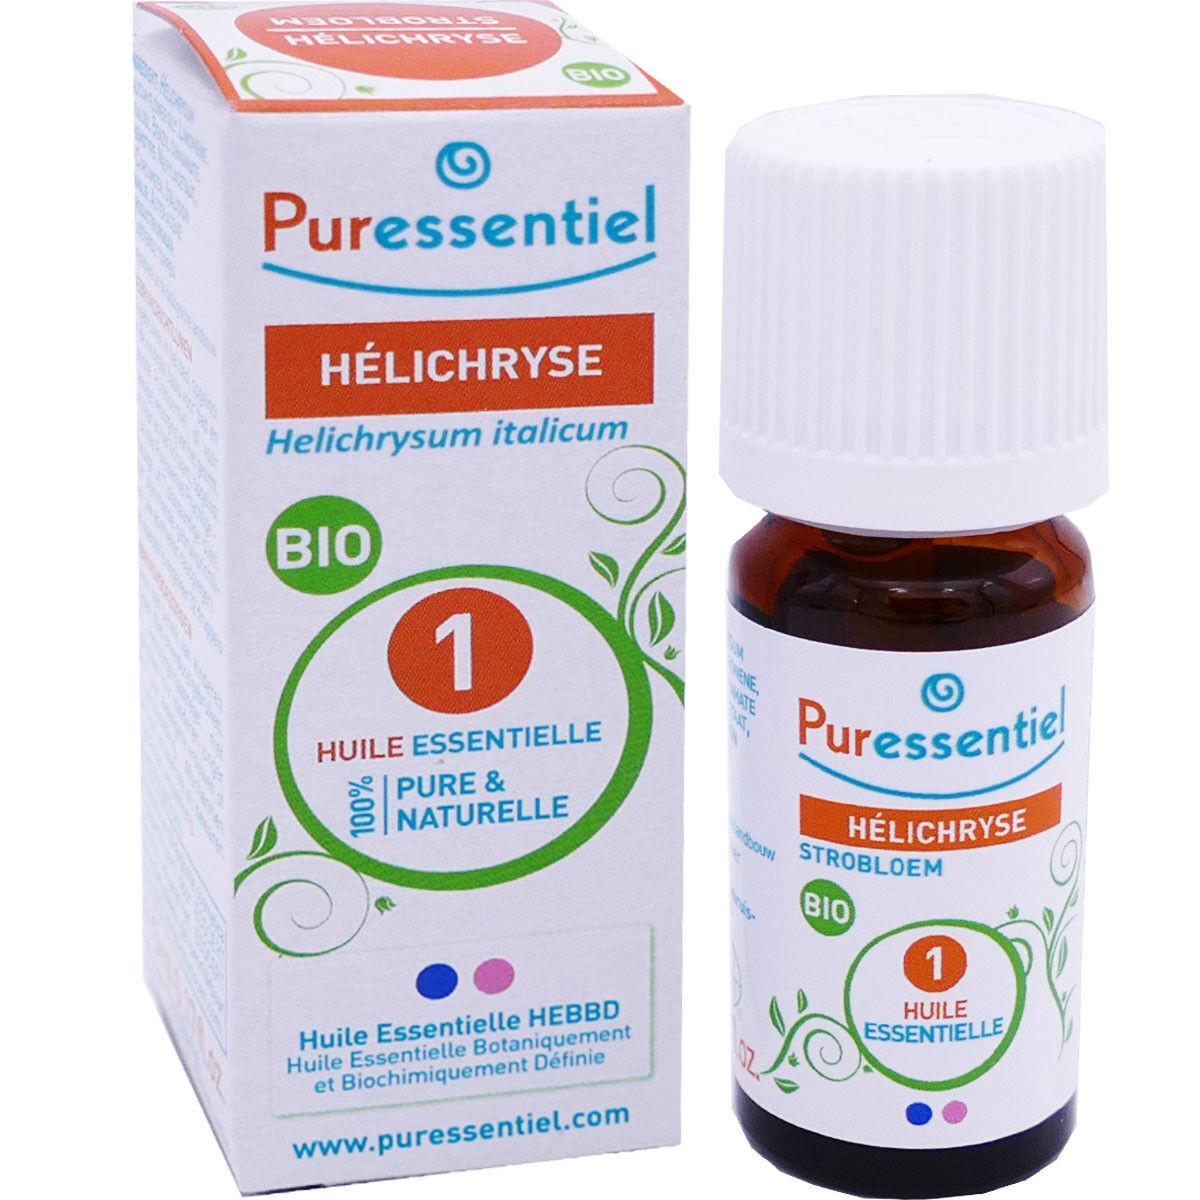 Puressentiel huile essentielle helichryse bio 5 ml